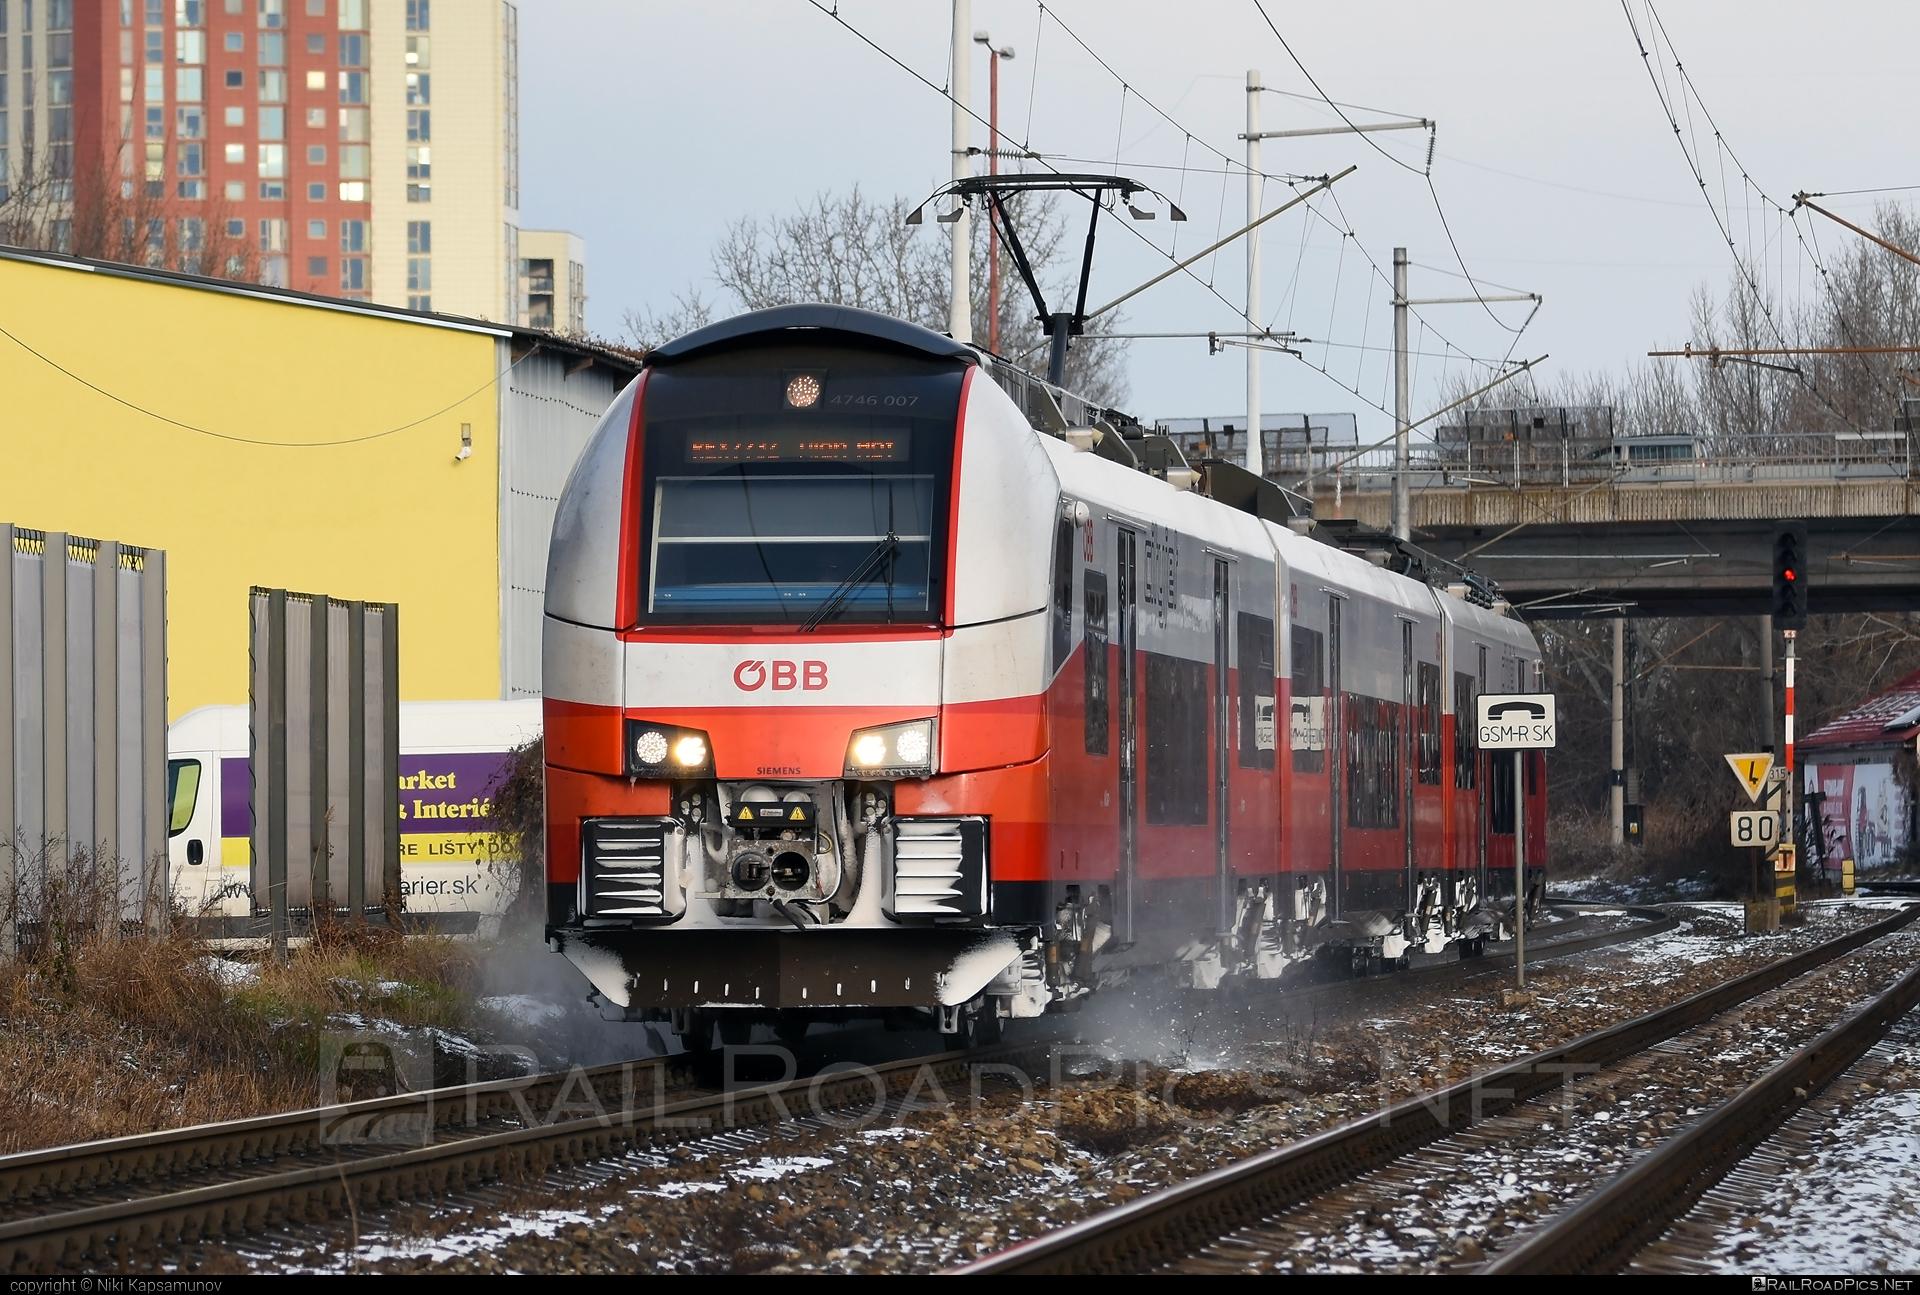 Siemens Desiro ML - 4746 007 operated by Österreichische Bundesbahnen #cityjet #desiro #desiroml #obb #obbcityjet #osterreichischebundesbahnen #siemens #siemensdesiro #siemensdesiroml